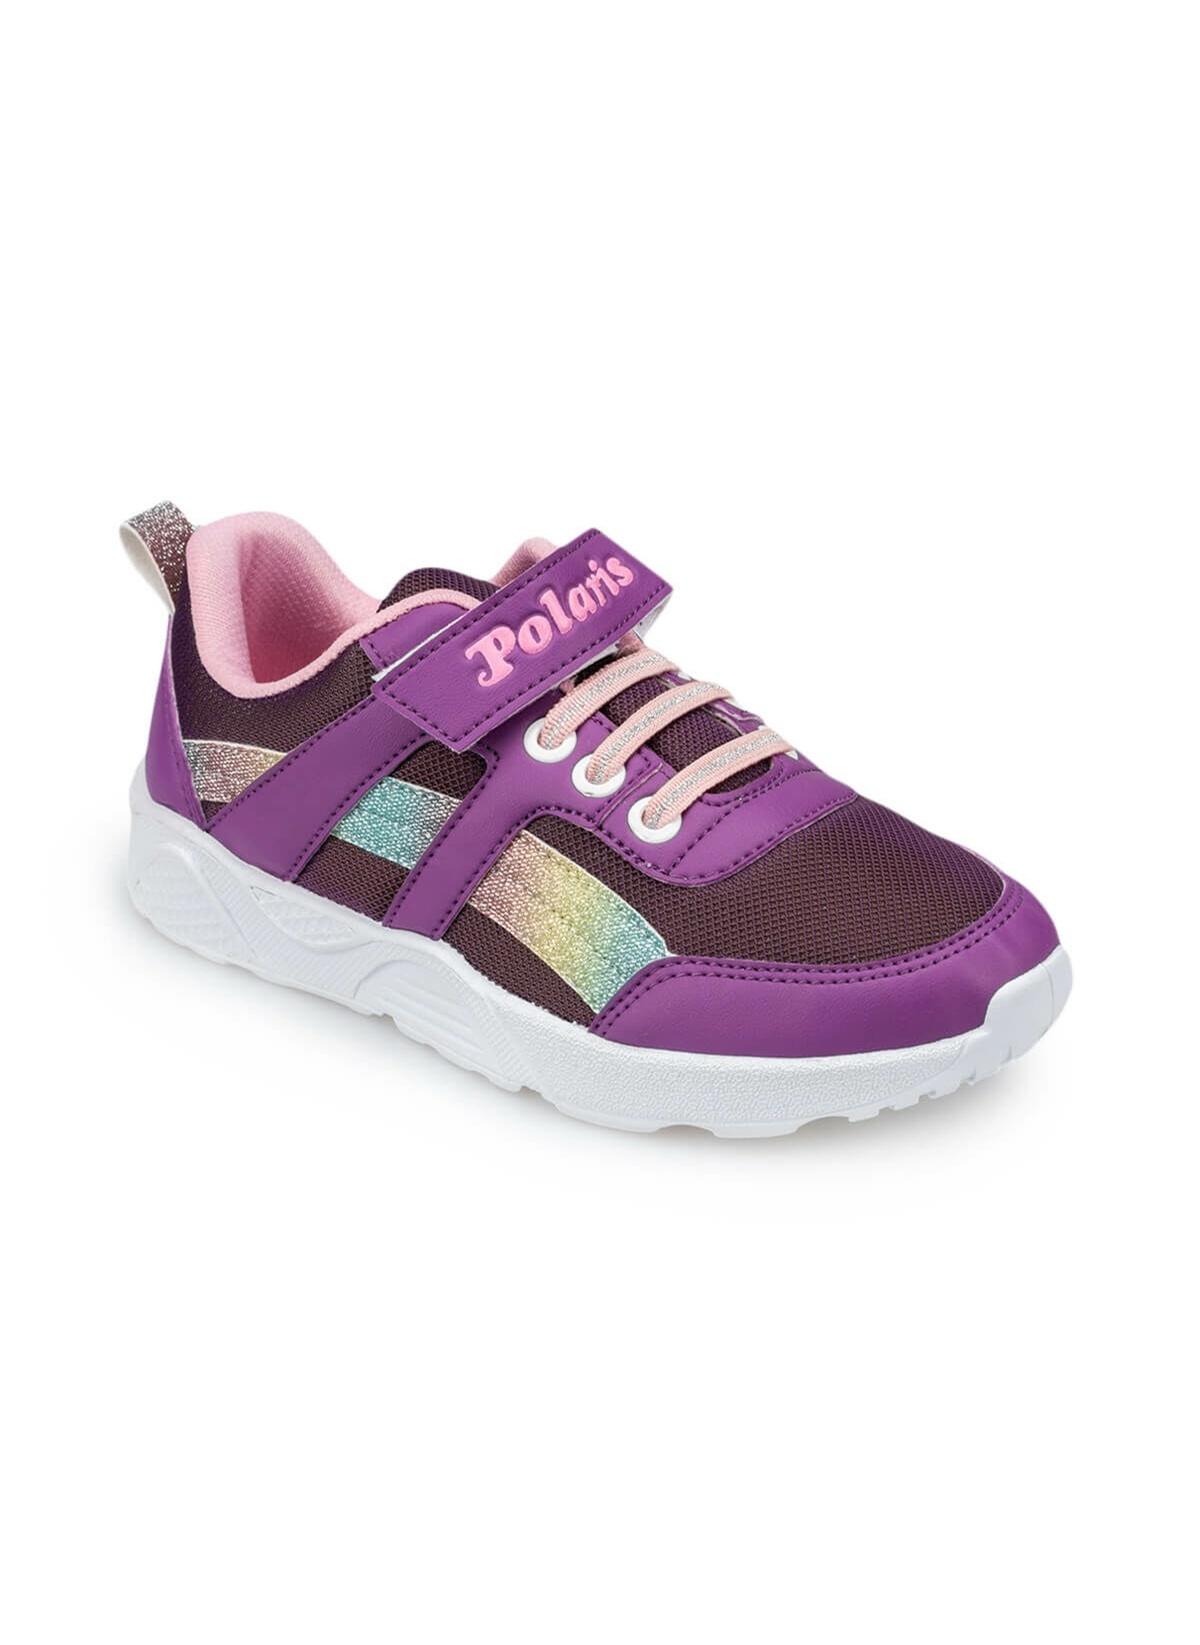 Polaris Ayakkabı 91.511300.f Ayakkabı – 59.99 TL